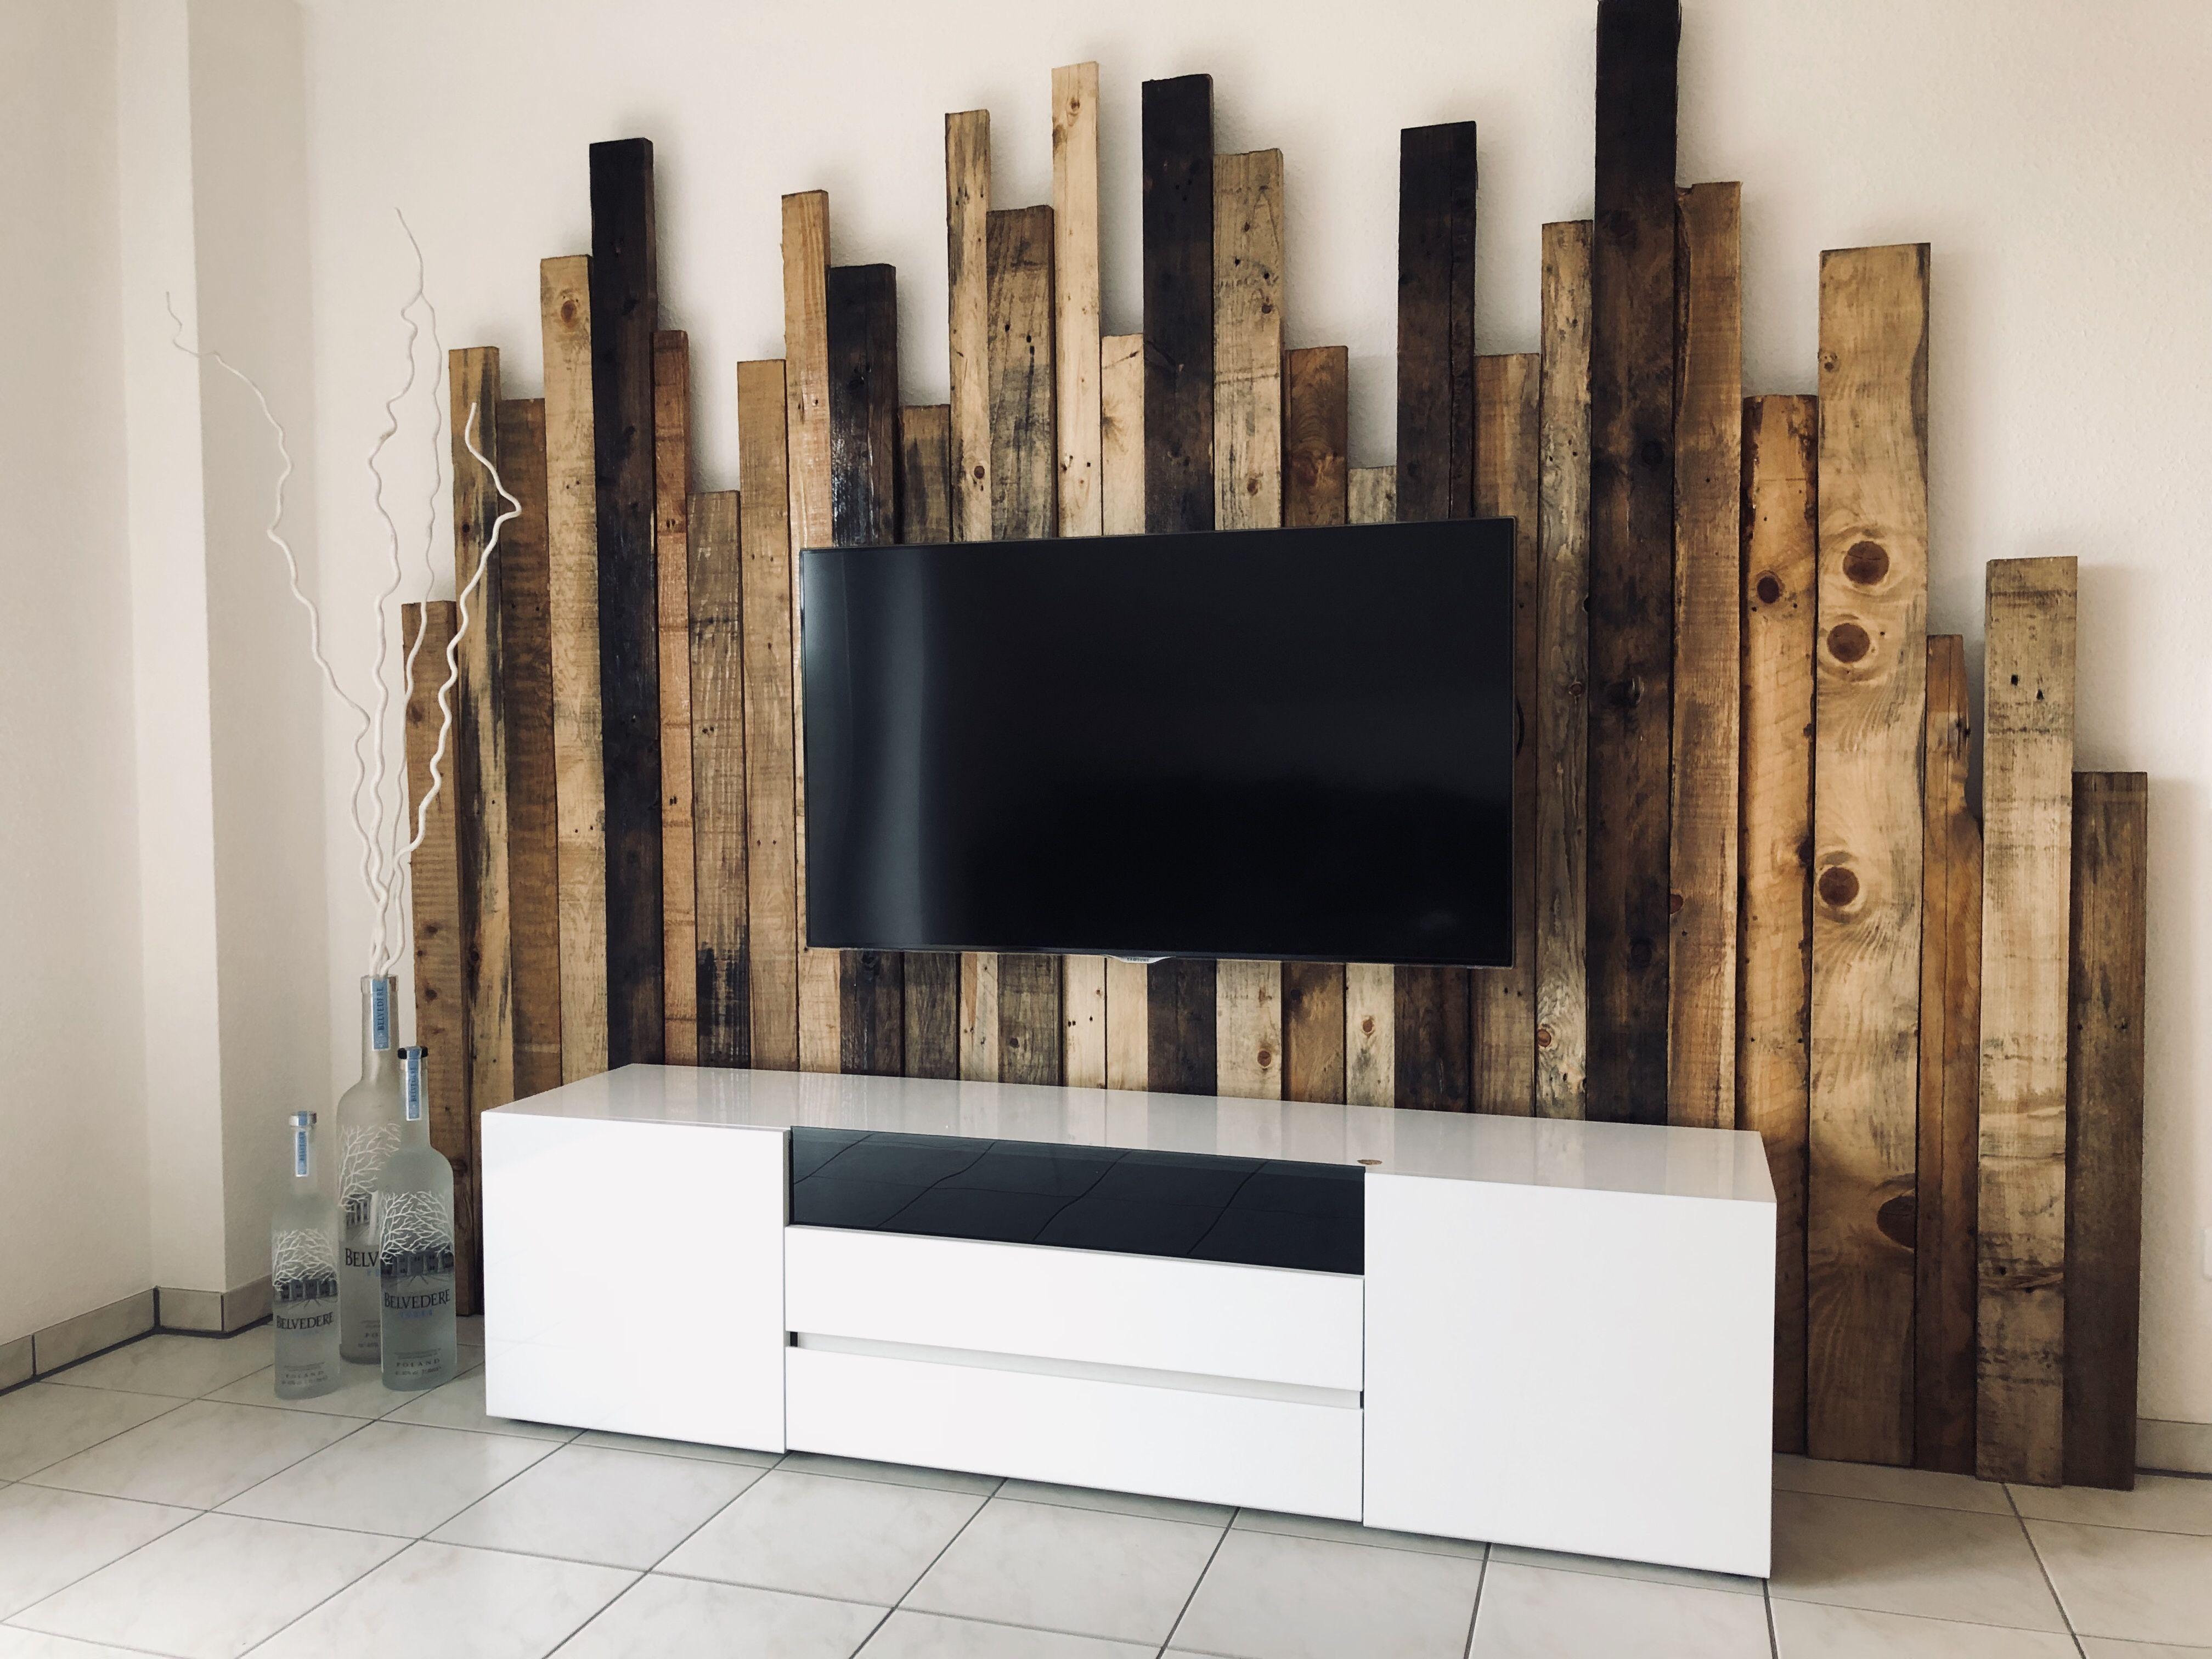 Wohnzimmer Holzwand Wohnzimmer Wohnung Dekoration Sideboard Selber Bauen